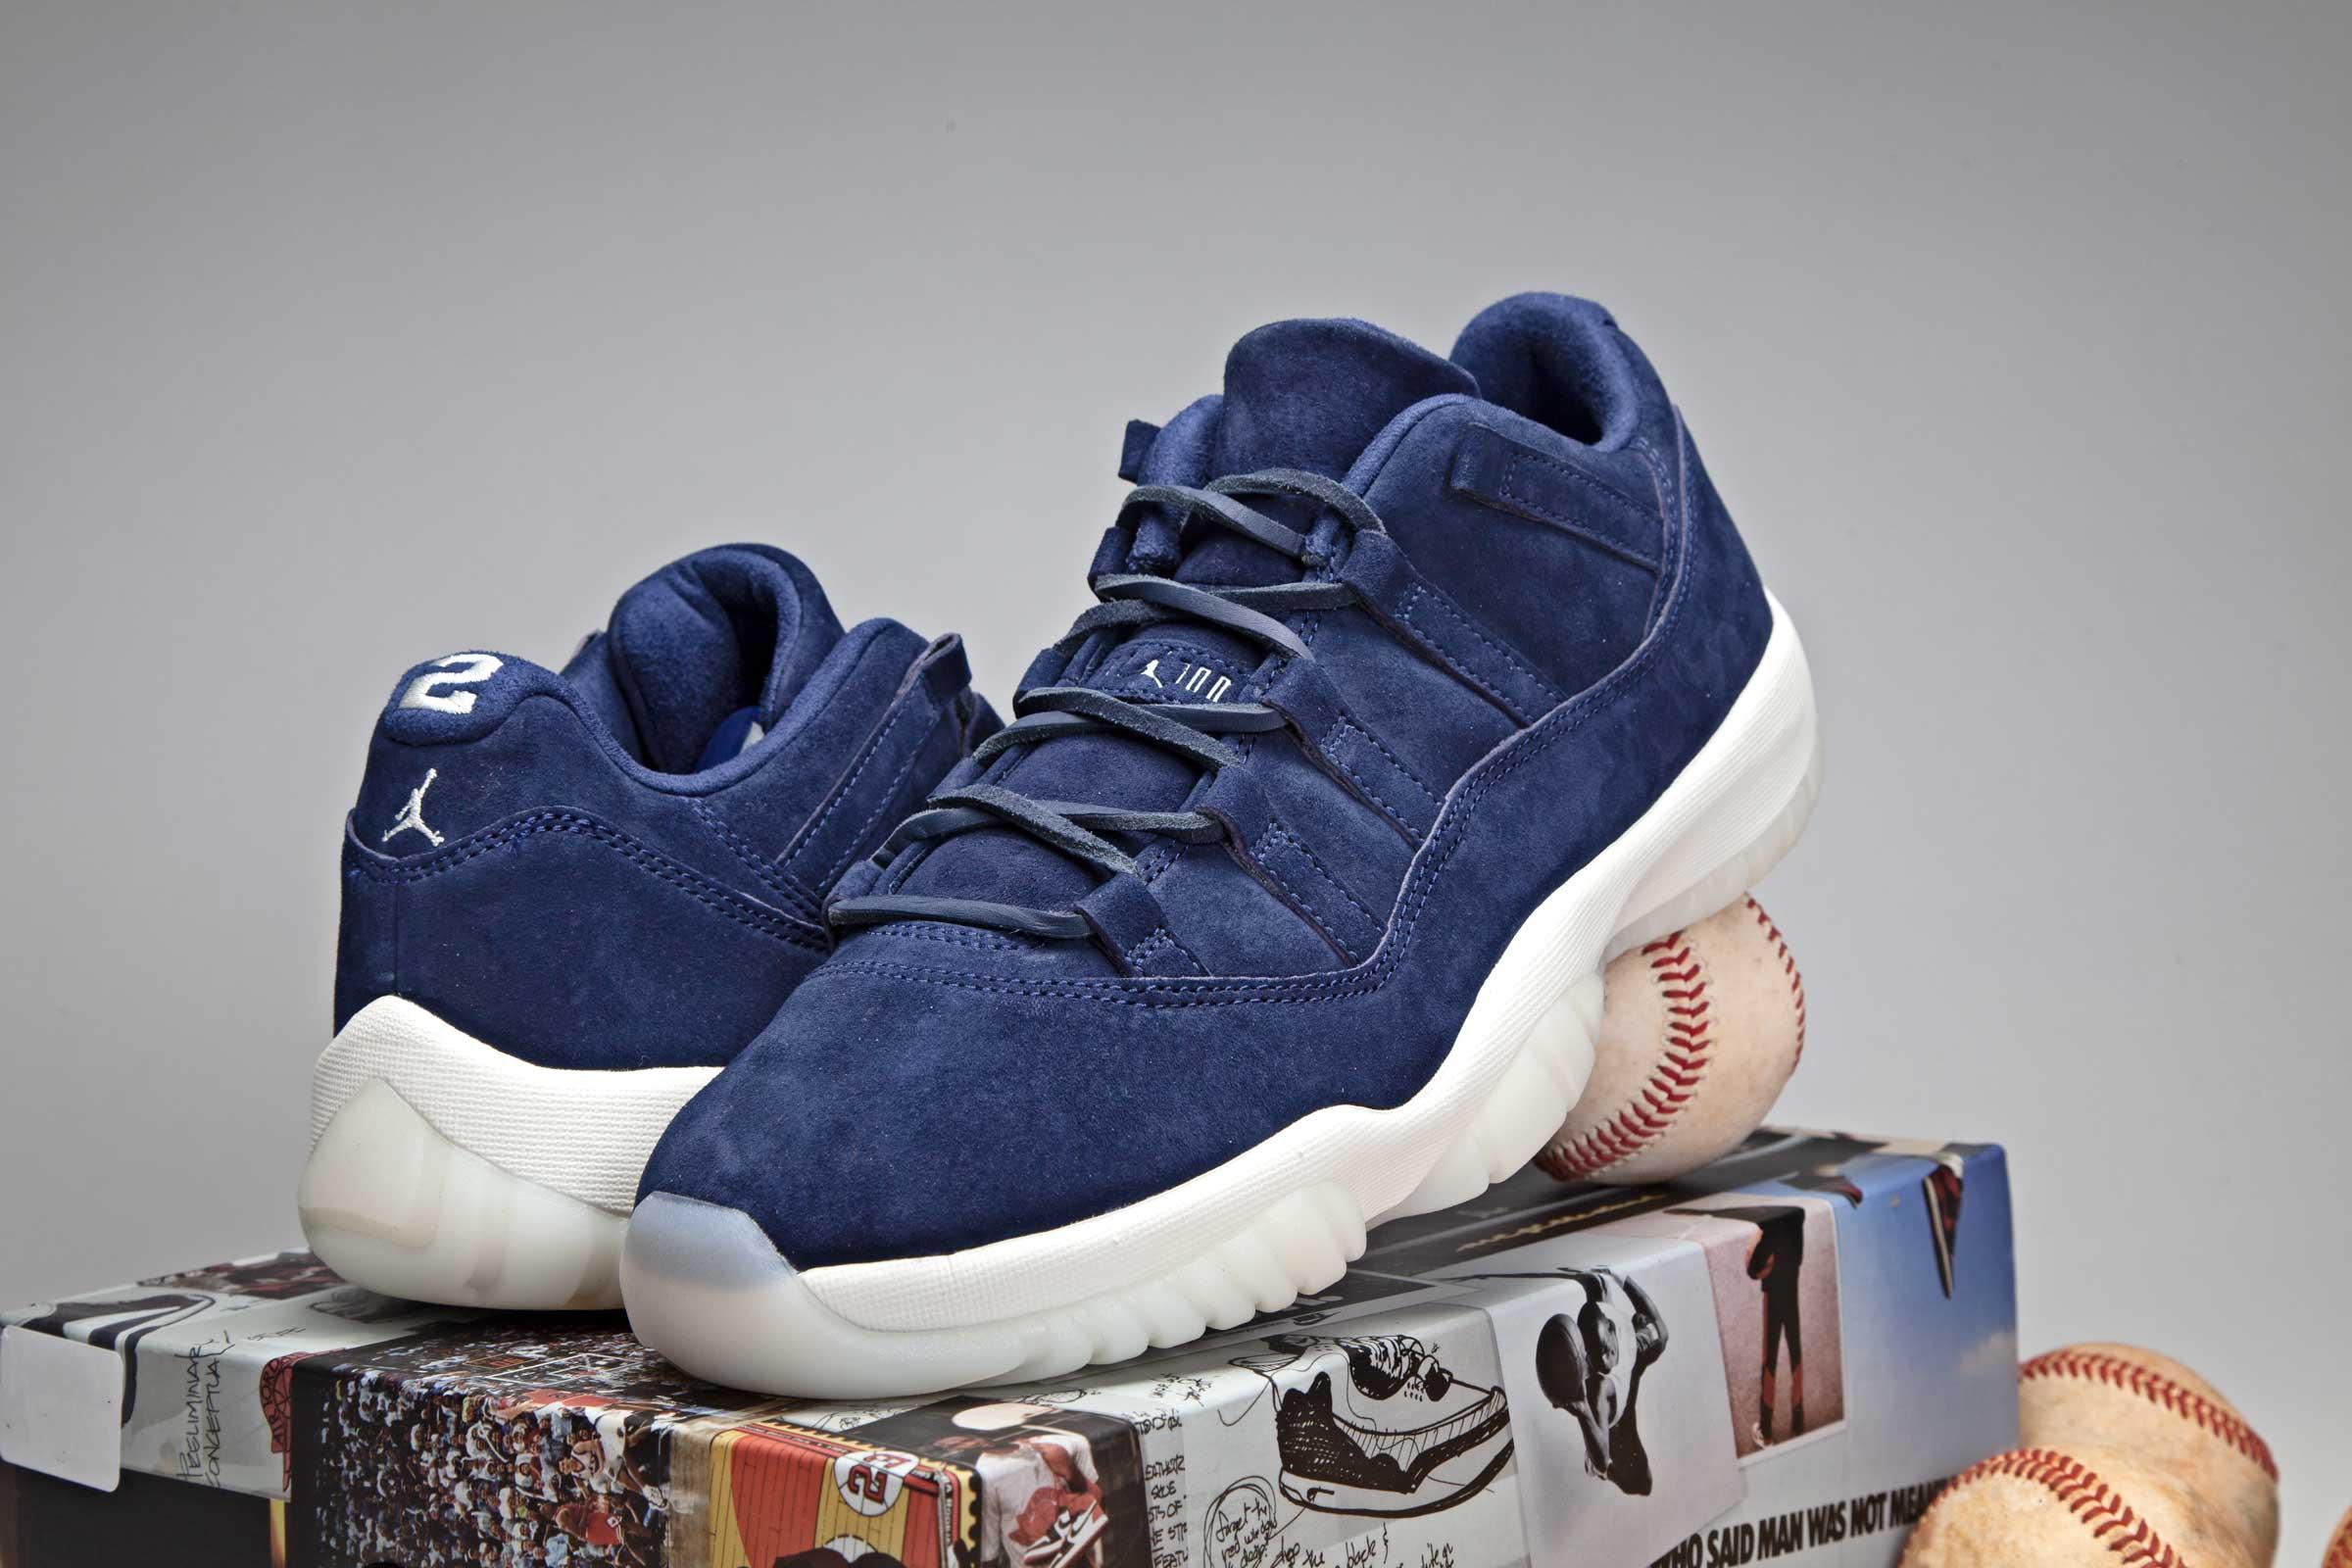 wholesale dealer e61a0 82b86 Air Jordan 11 Low Derek Jeter RE2PECT • KicksOnFire.com